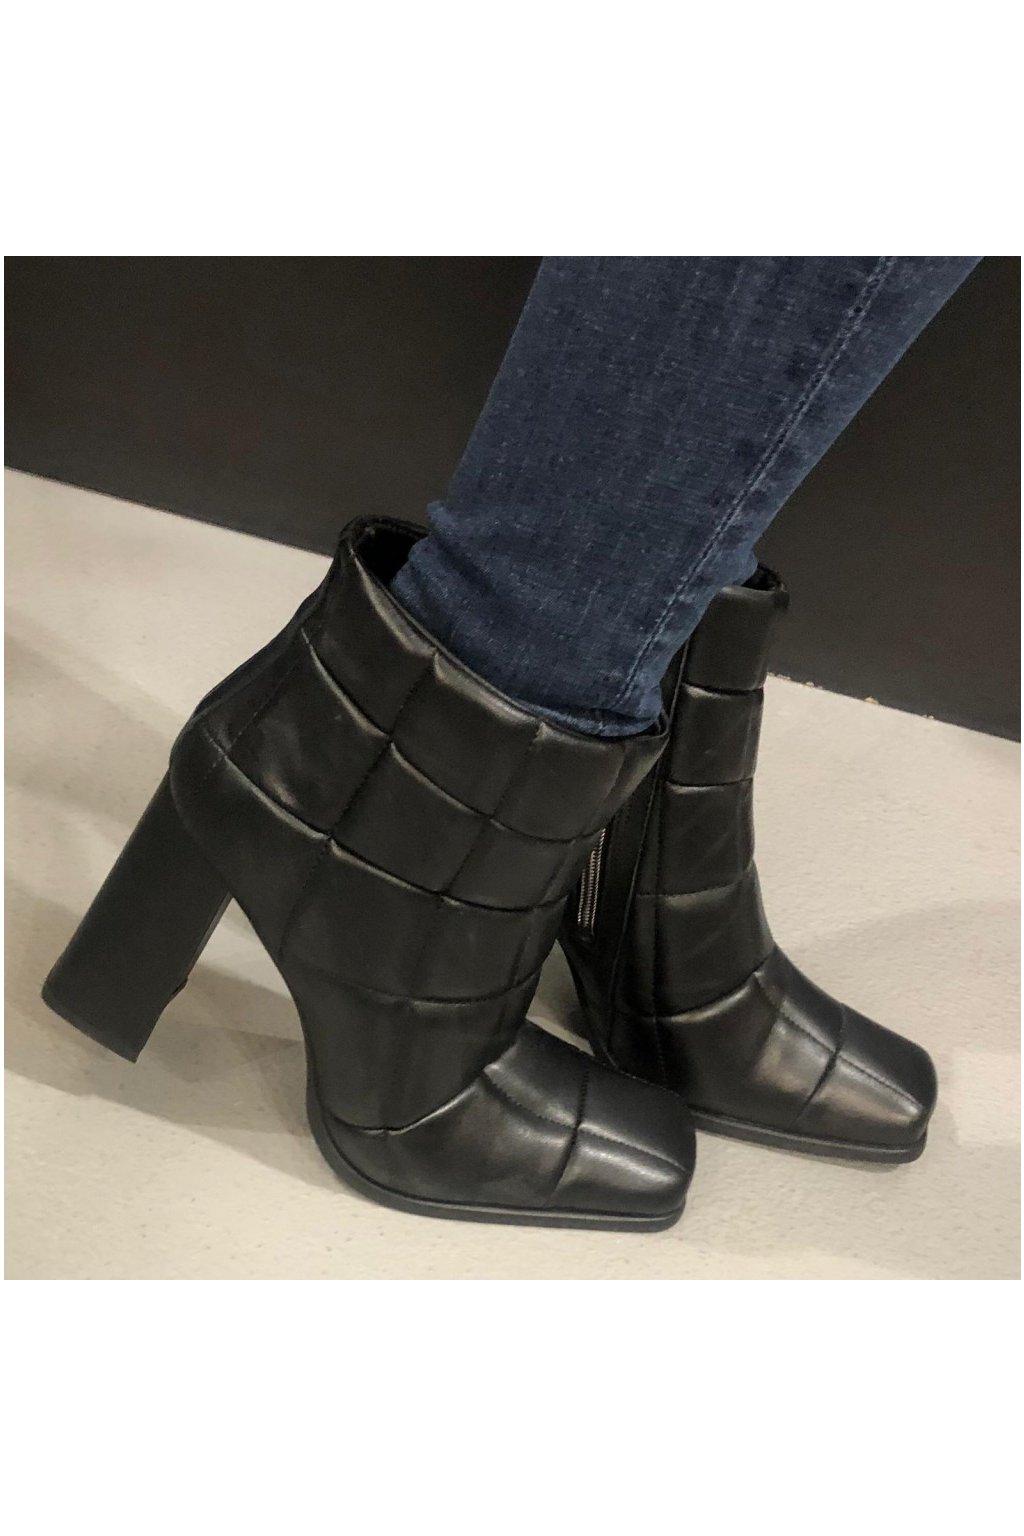 L´ESTROSA kožené boty na širokém podpatku - černé (Velikost Velikost 38)